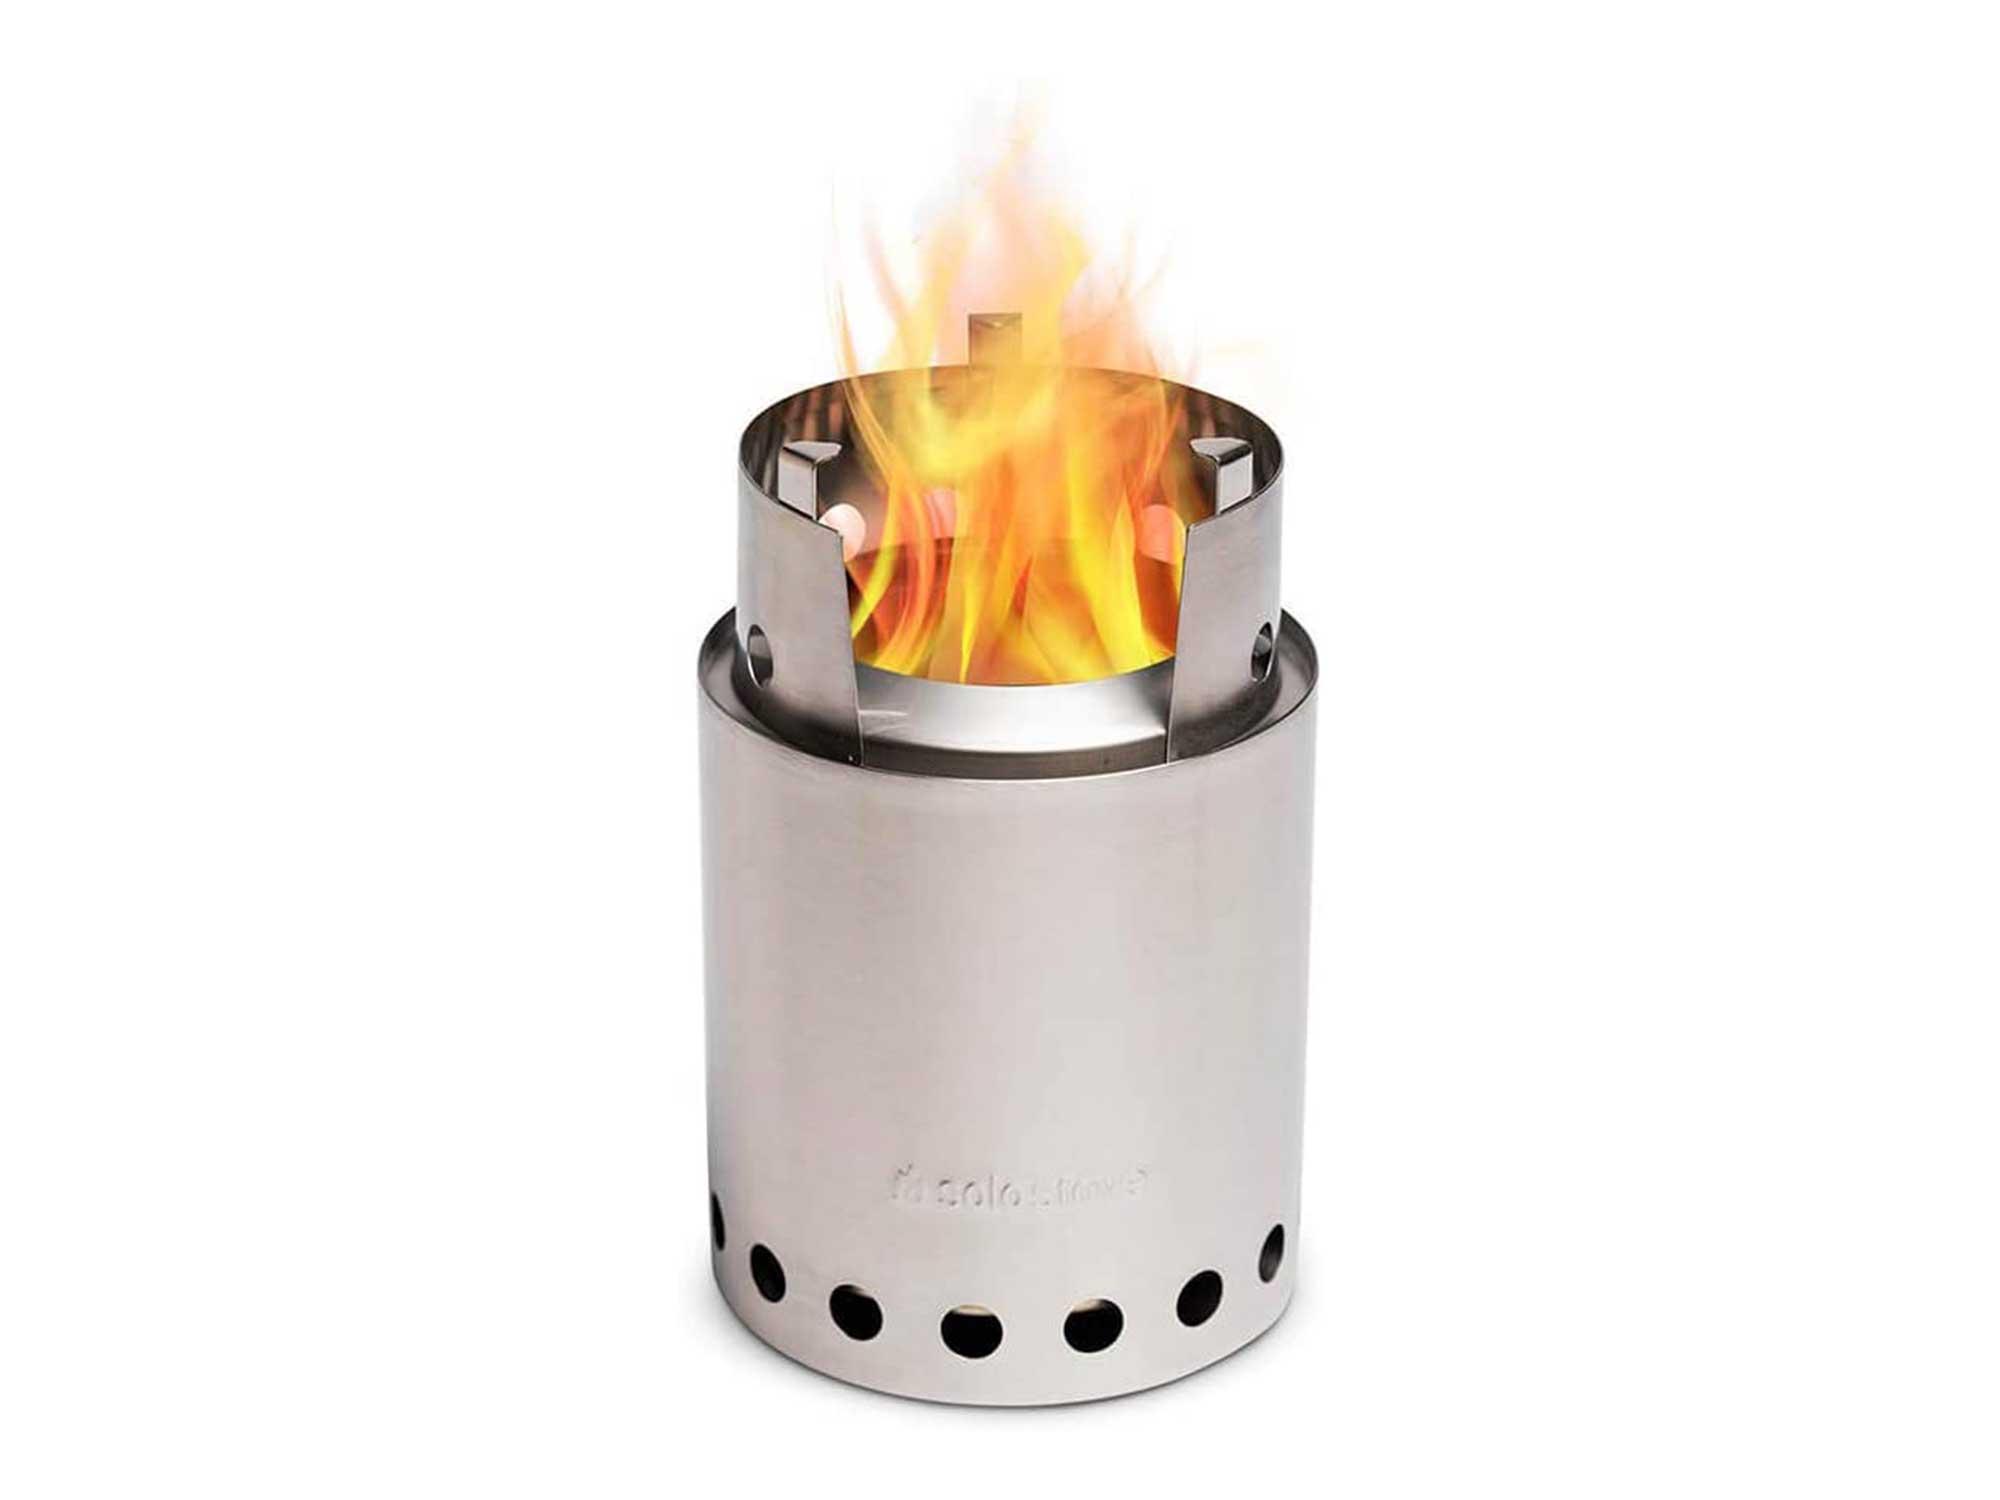 SOLO Titan stove